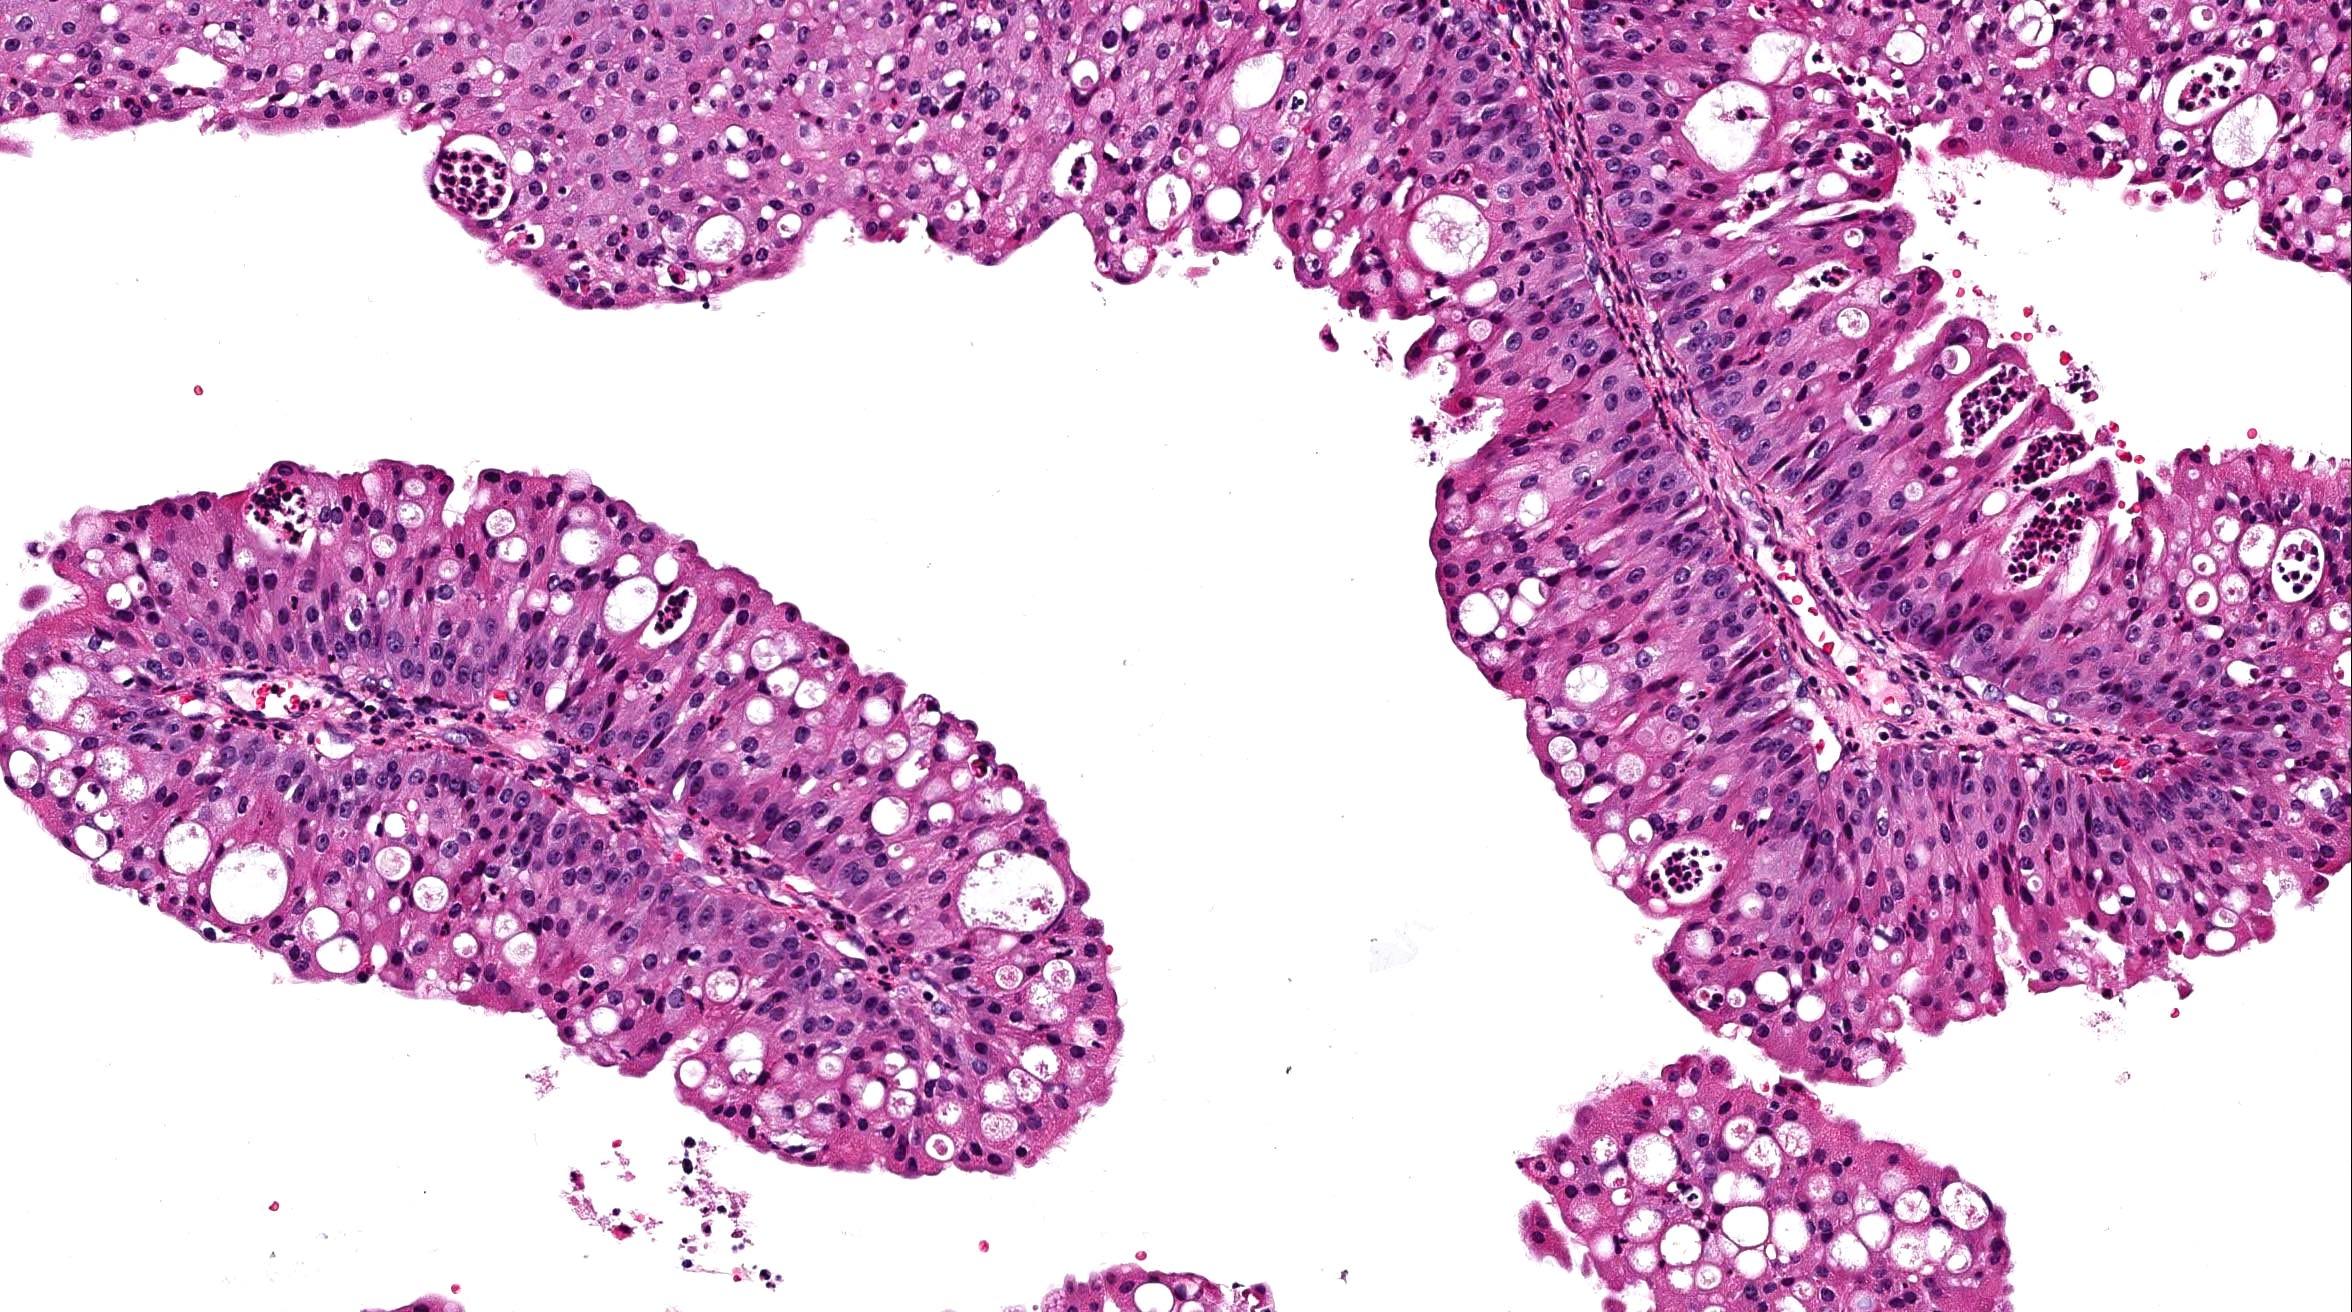 parazitii e greu sa gasesti un mix bun endometrial cancer fatigue